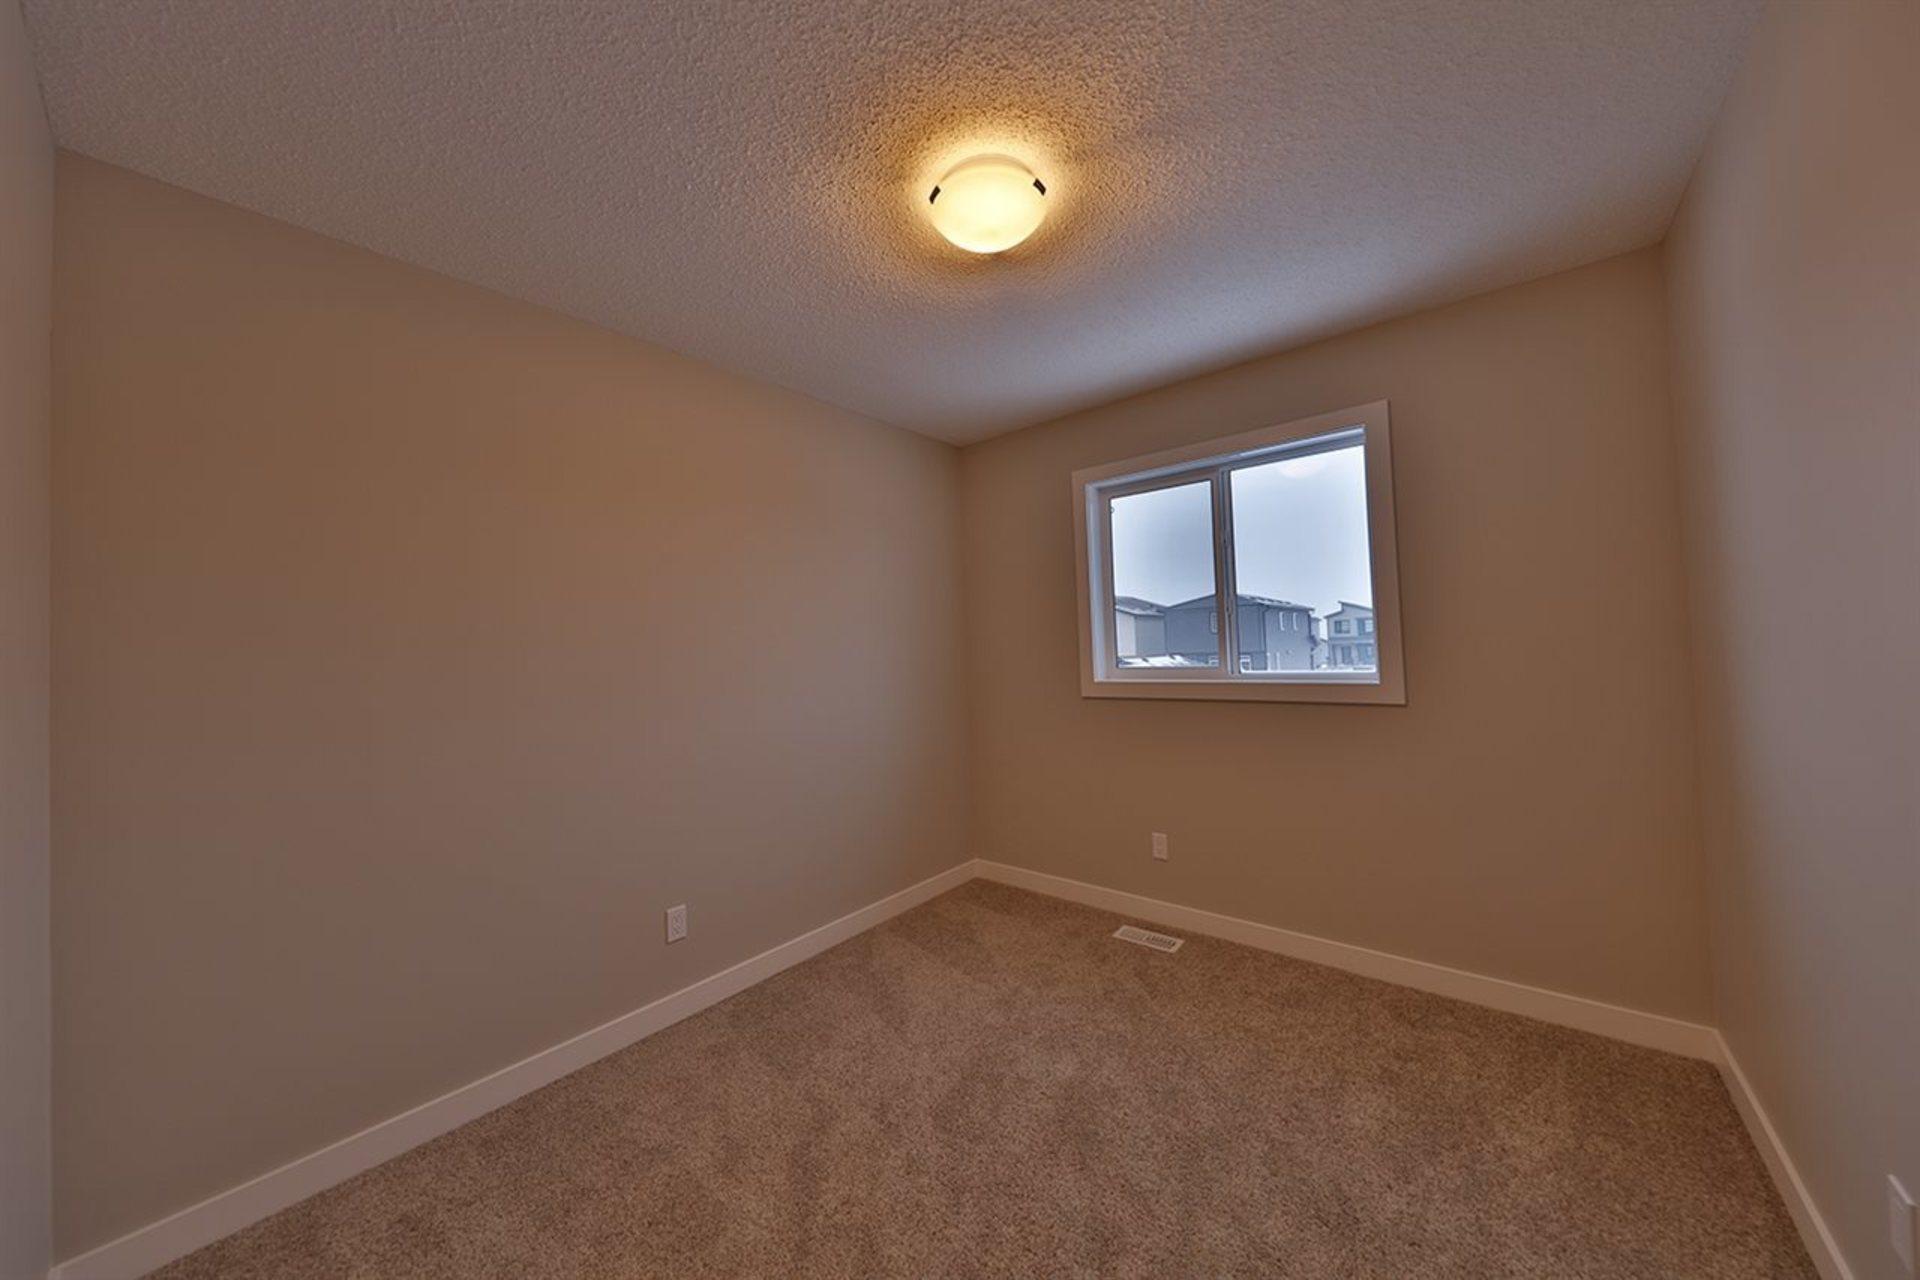 18119-76-street-crystallina-nera-west-edmonton-16 at 18119 76 Street, Crystallina Nera West, Edmonton